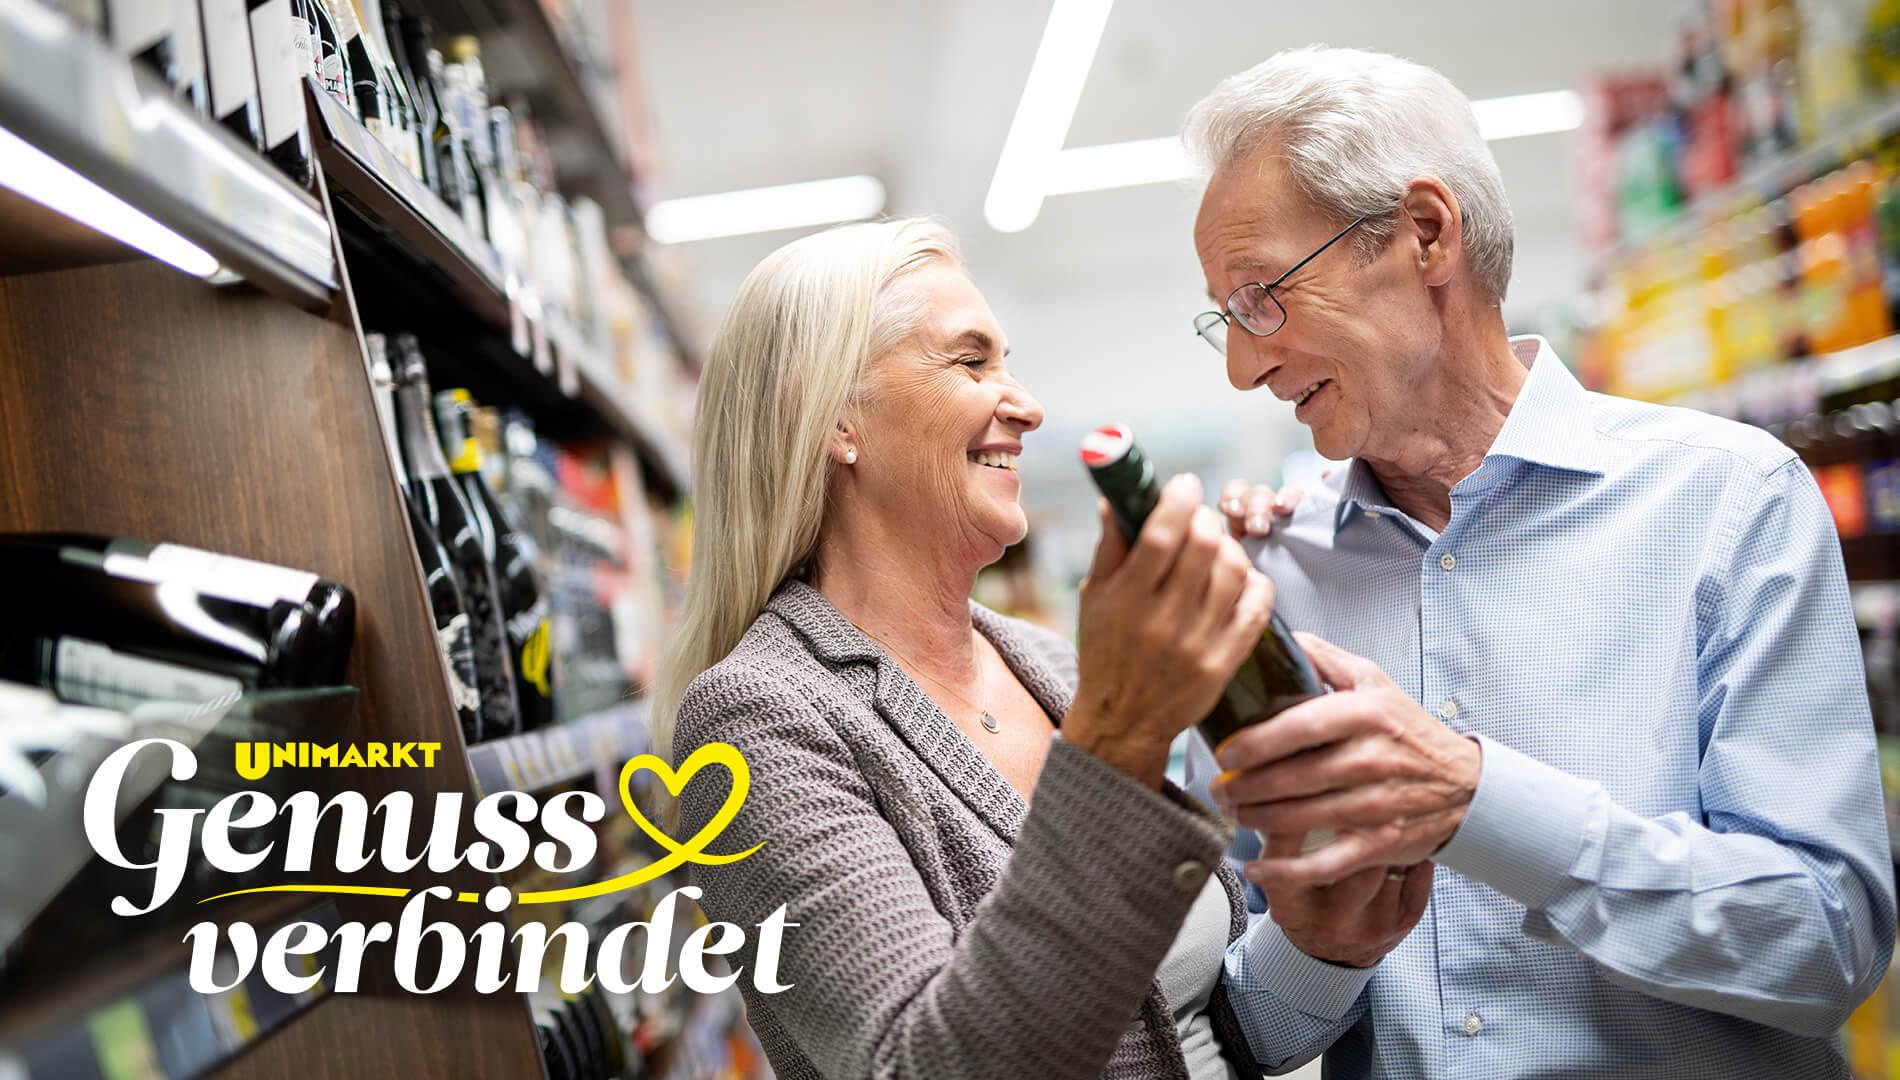 Unimarkt-bild-quer-genussverbindet3